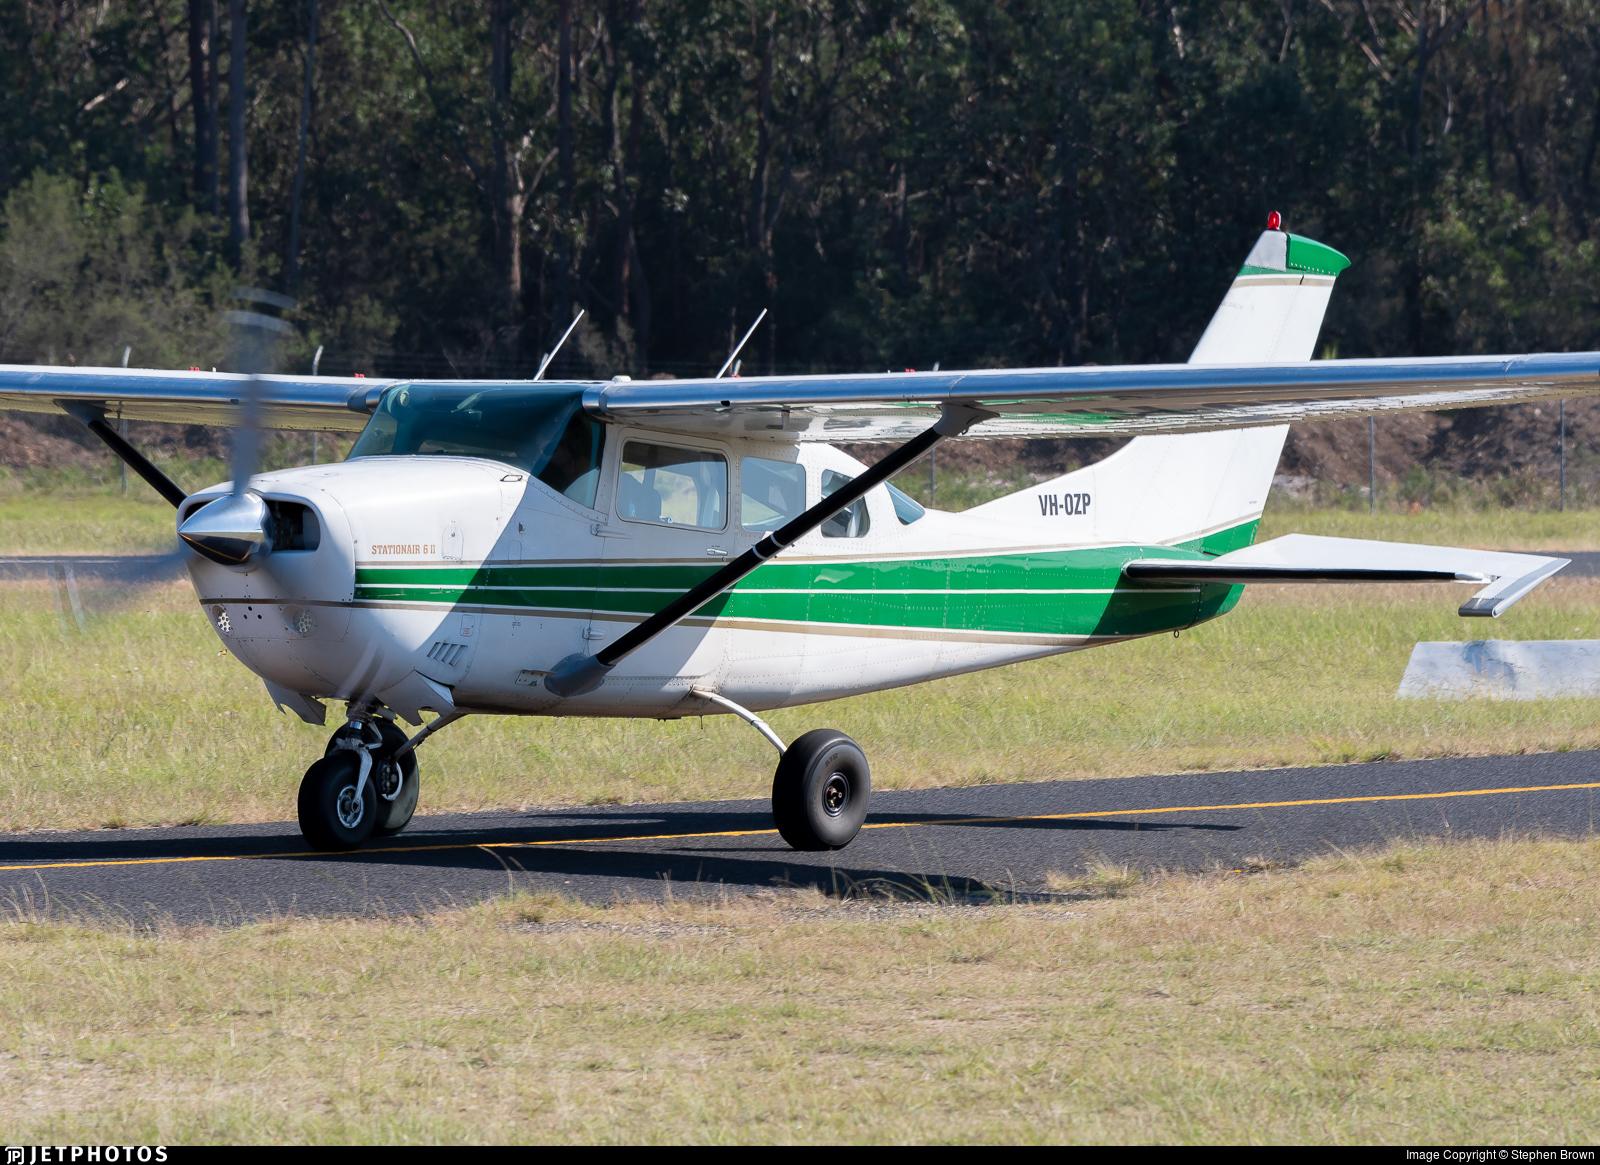 VH-OZP - Cessna TU206F Turbo Stationair - Private